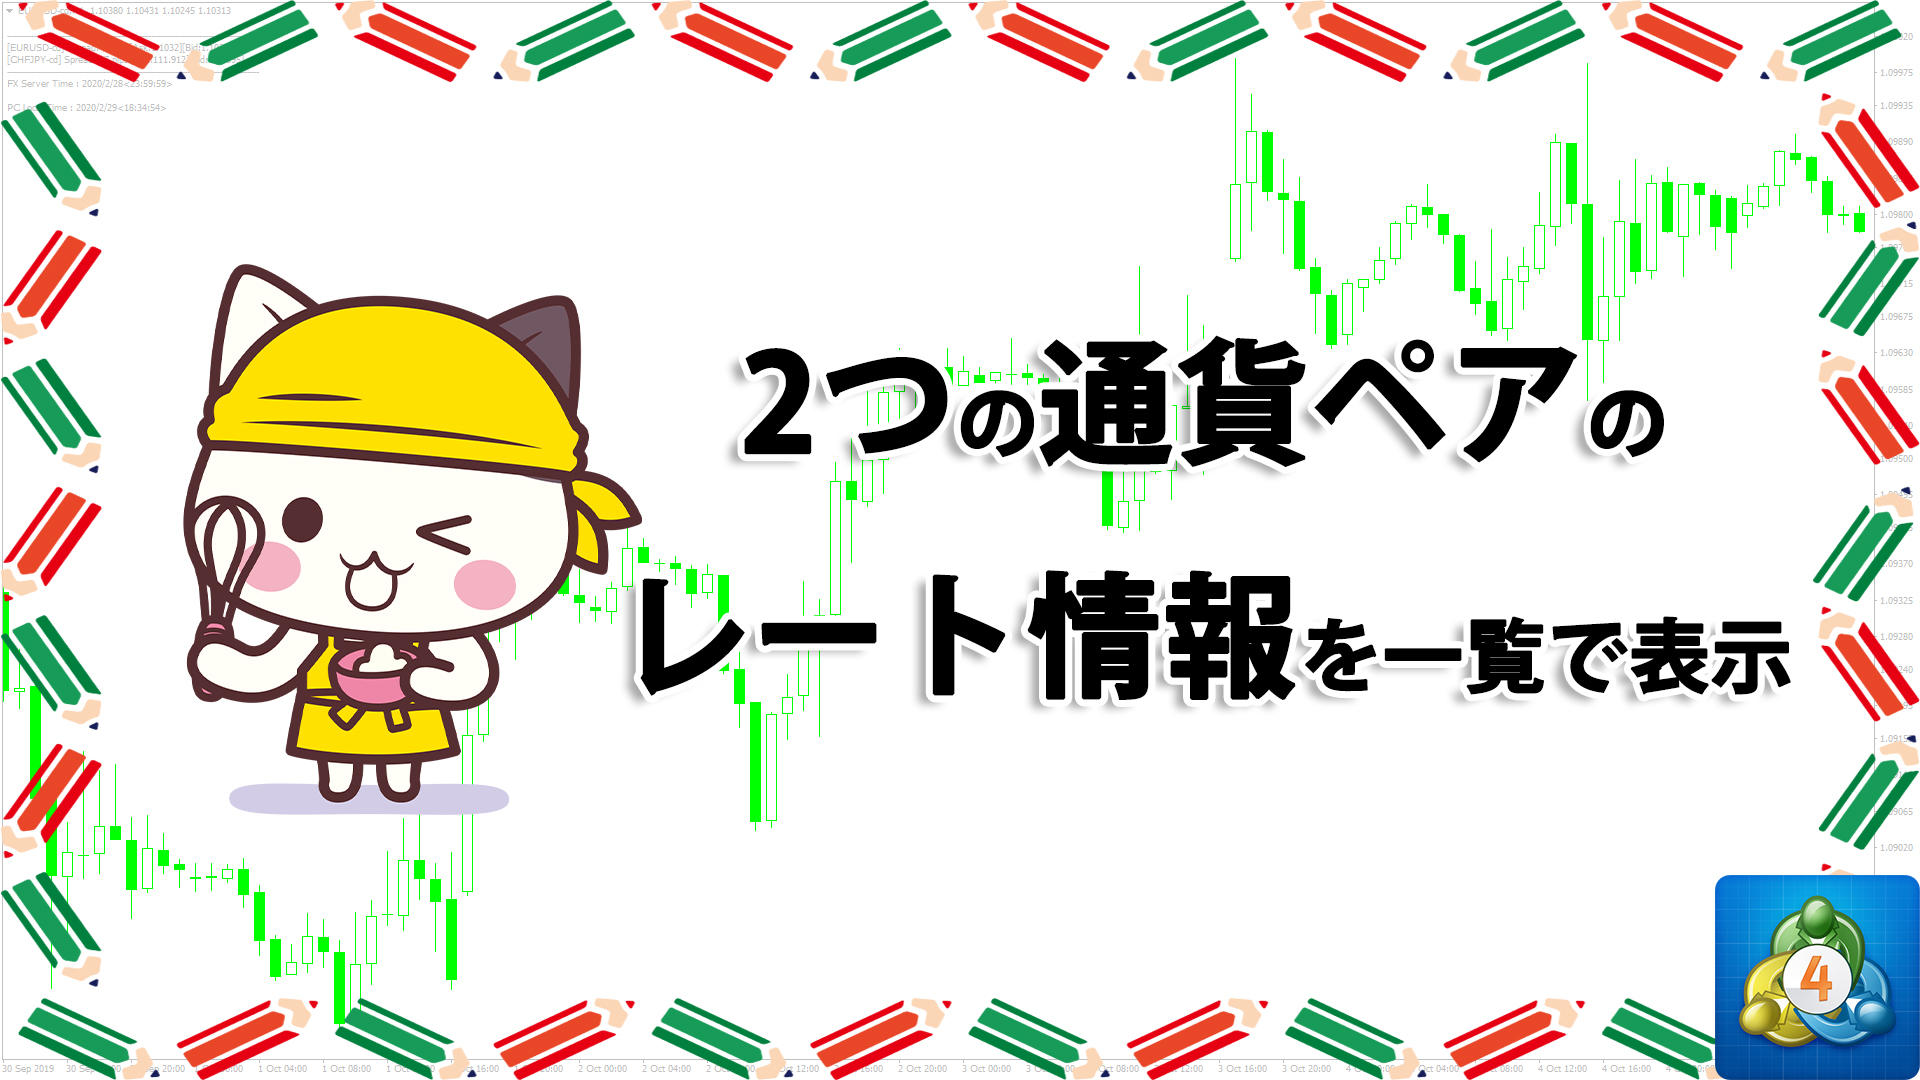 2つの通貨ペアの買値や売値、スプレッドなどを一覧で表示するMT4インジケーター「SayaView」